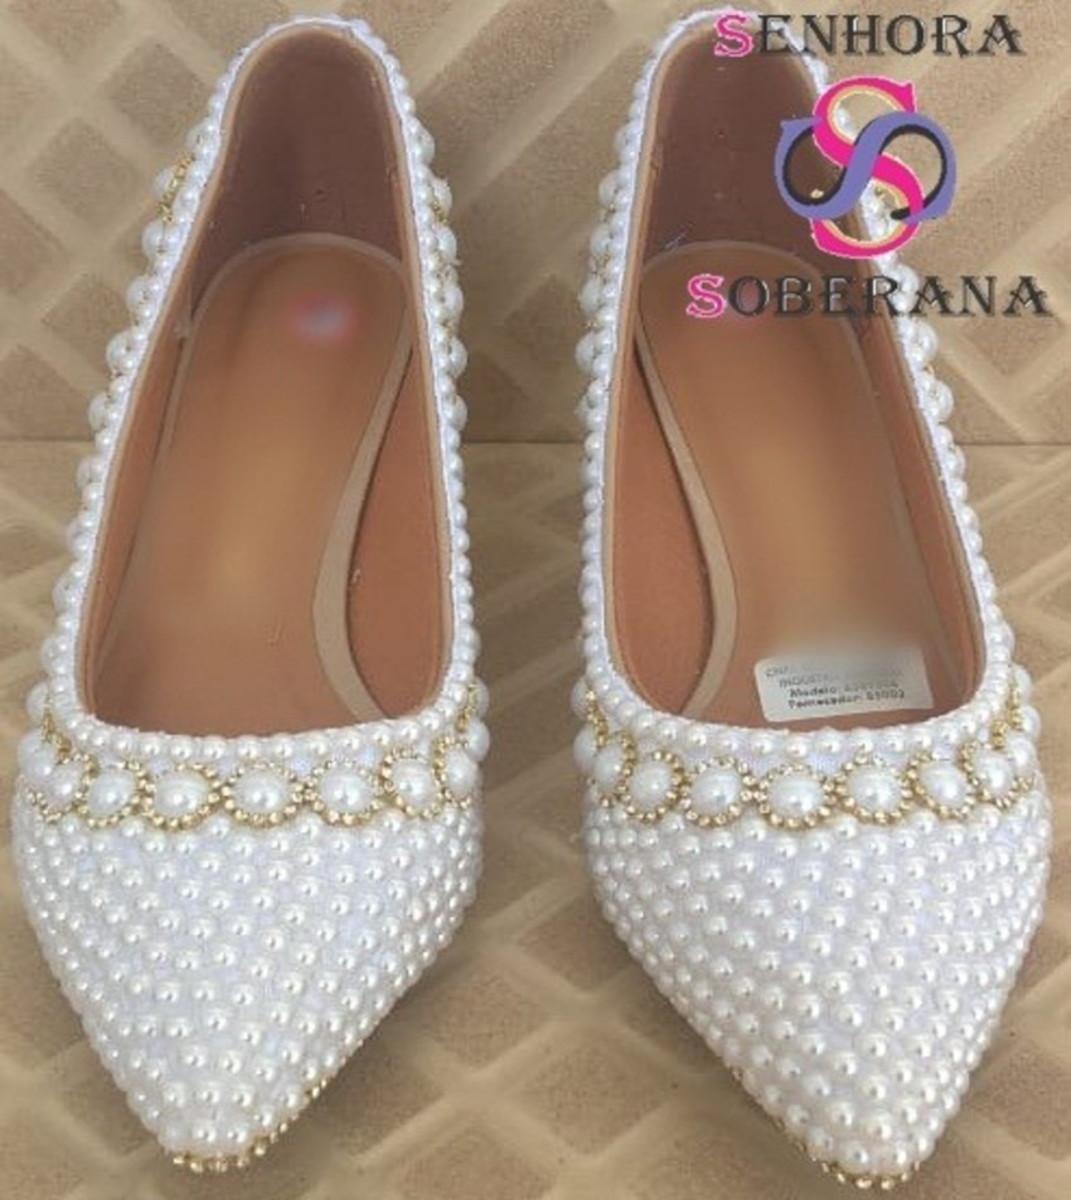 9f5fcafcd36 Sapato Scarpin Branco com strass dourado Soberana (Noivas) no Elo7 ...